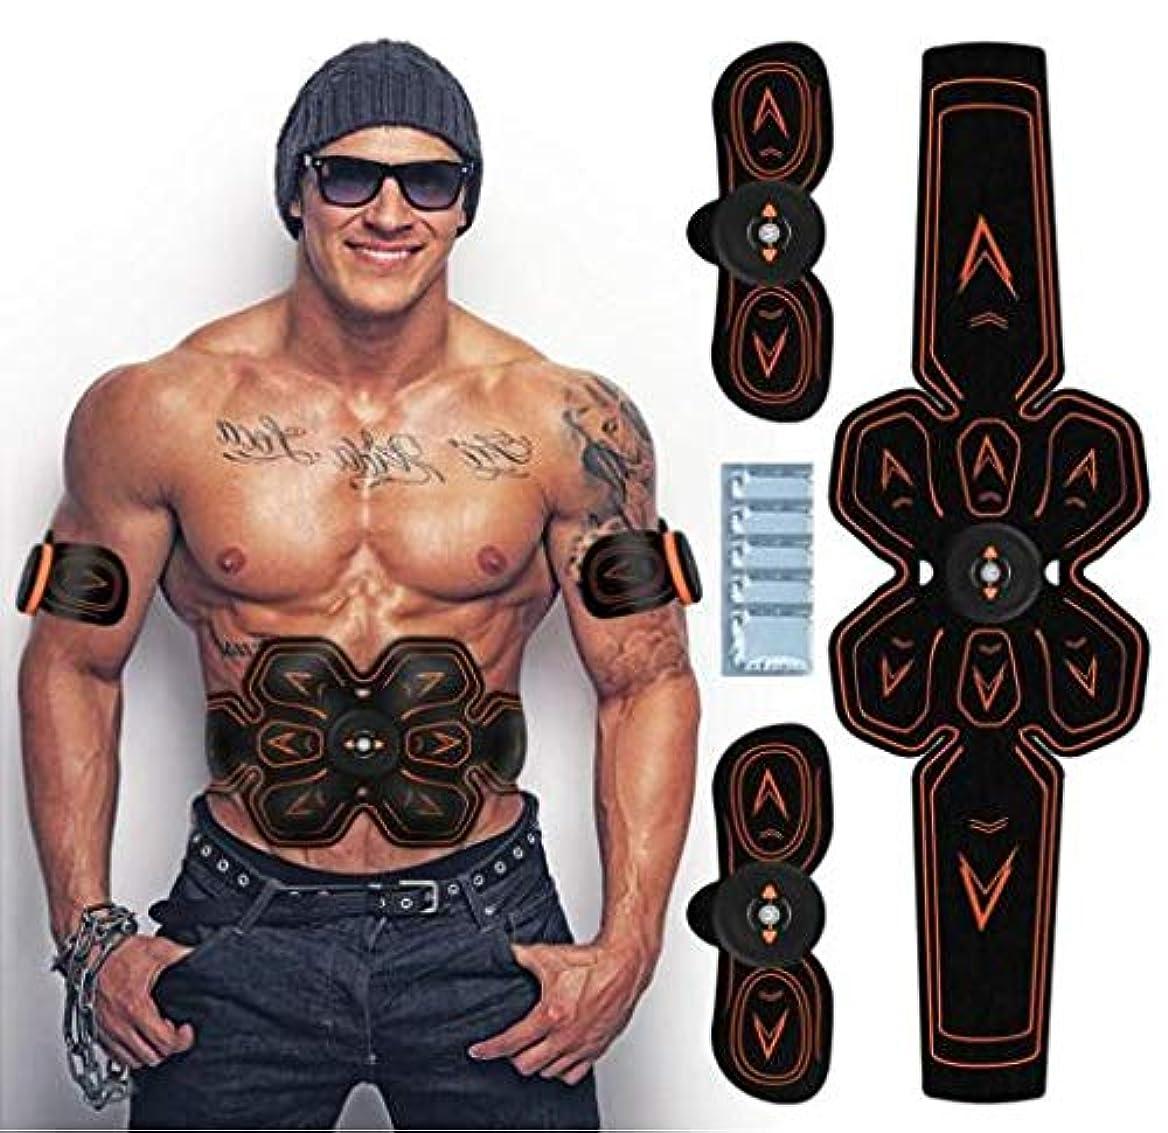 モーテル地域願望腹筋ベルト EMS ウエストベルト 筋トレ ダイエット器具 腹筋トレーニング 腹筋パッド 腕筋 多部位 6モード 10ランク強度 USB充電